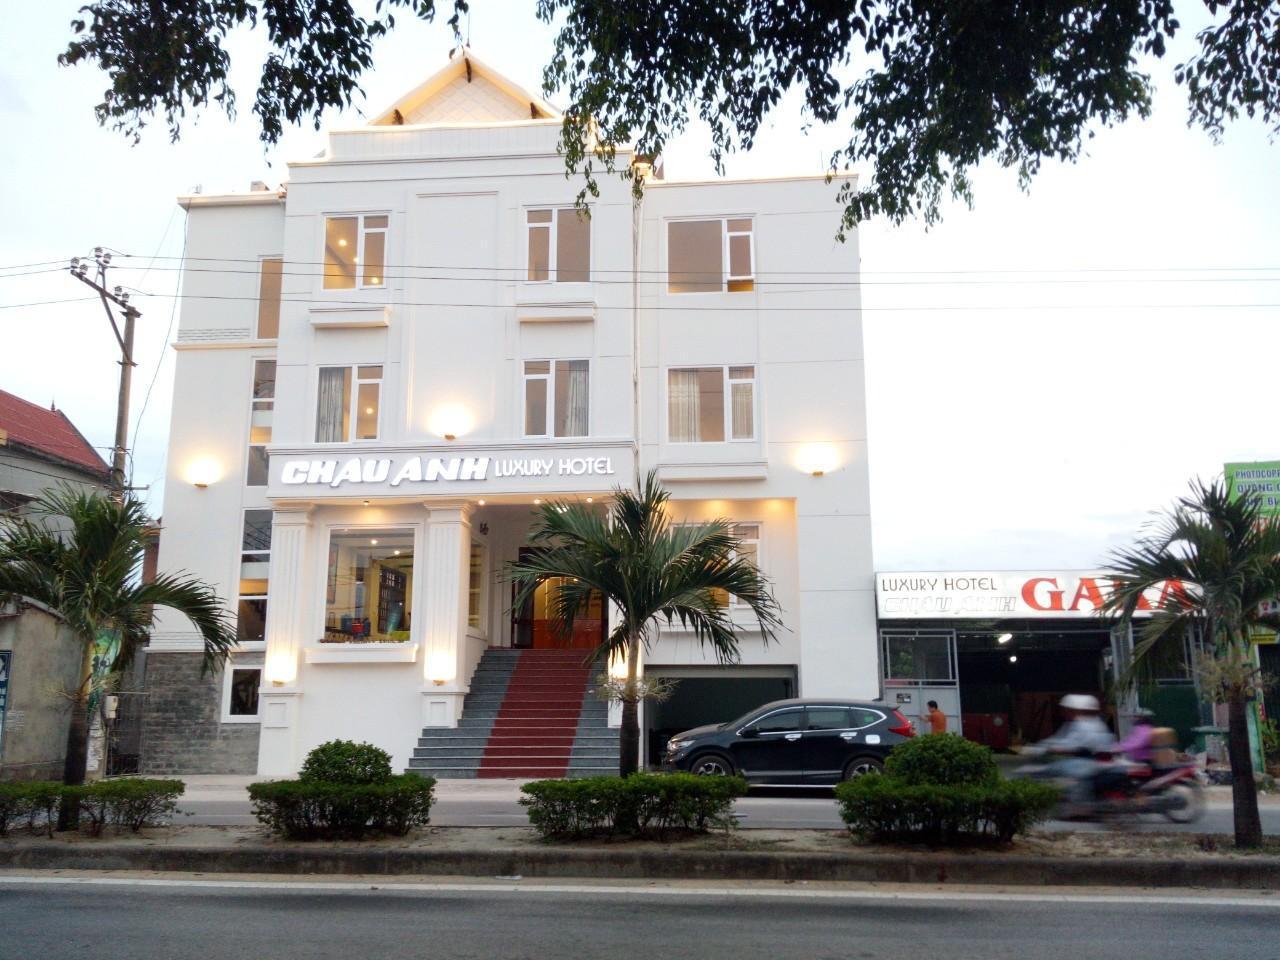 CHAU ANH Luxury Hotel, Quảng Trạch